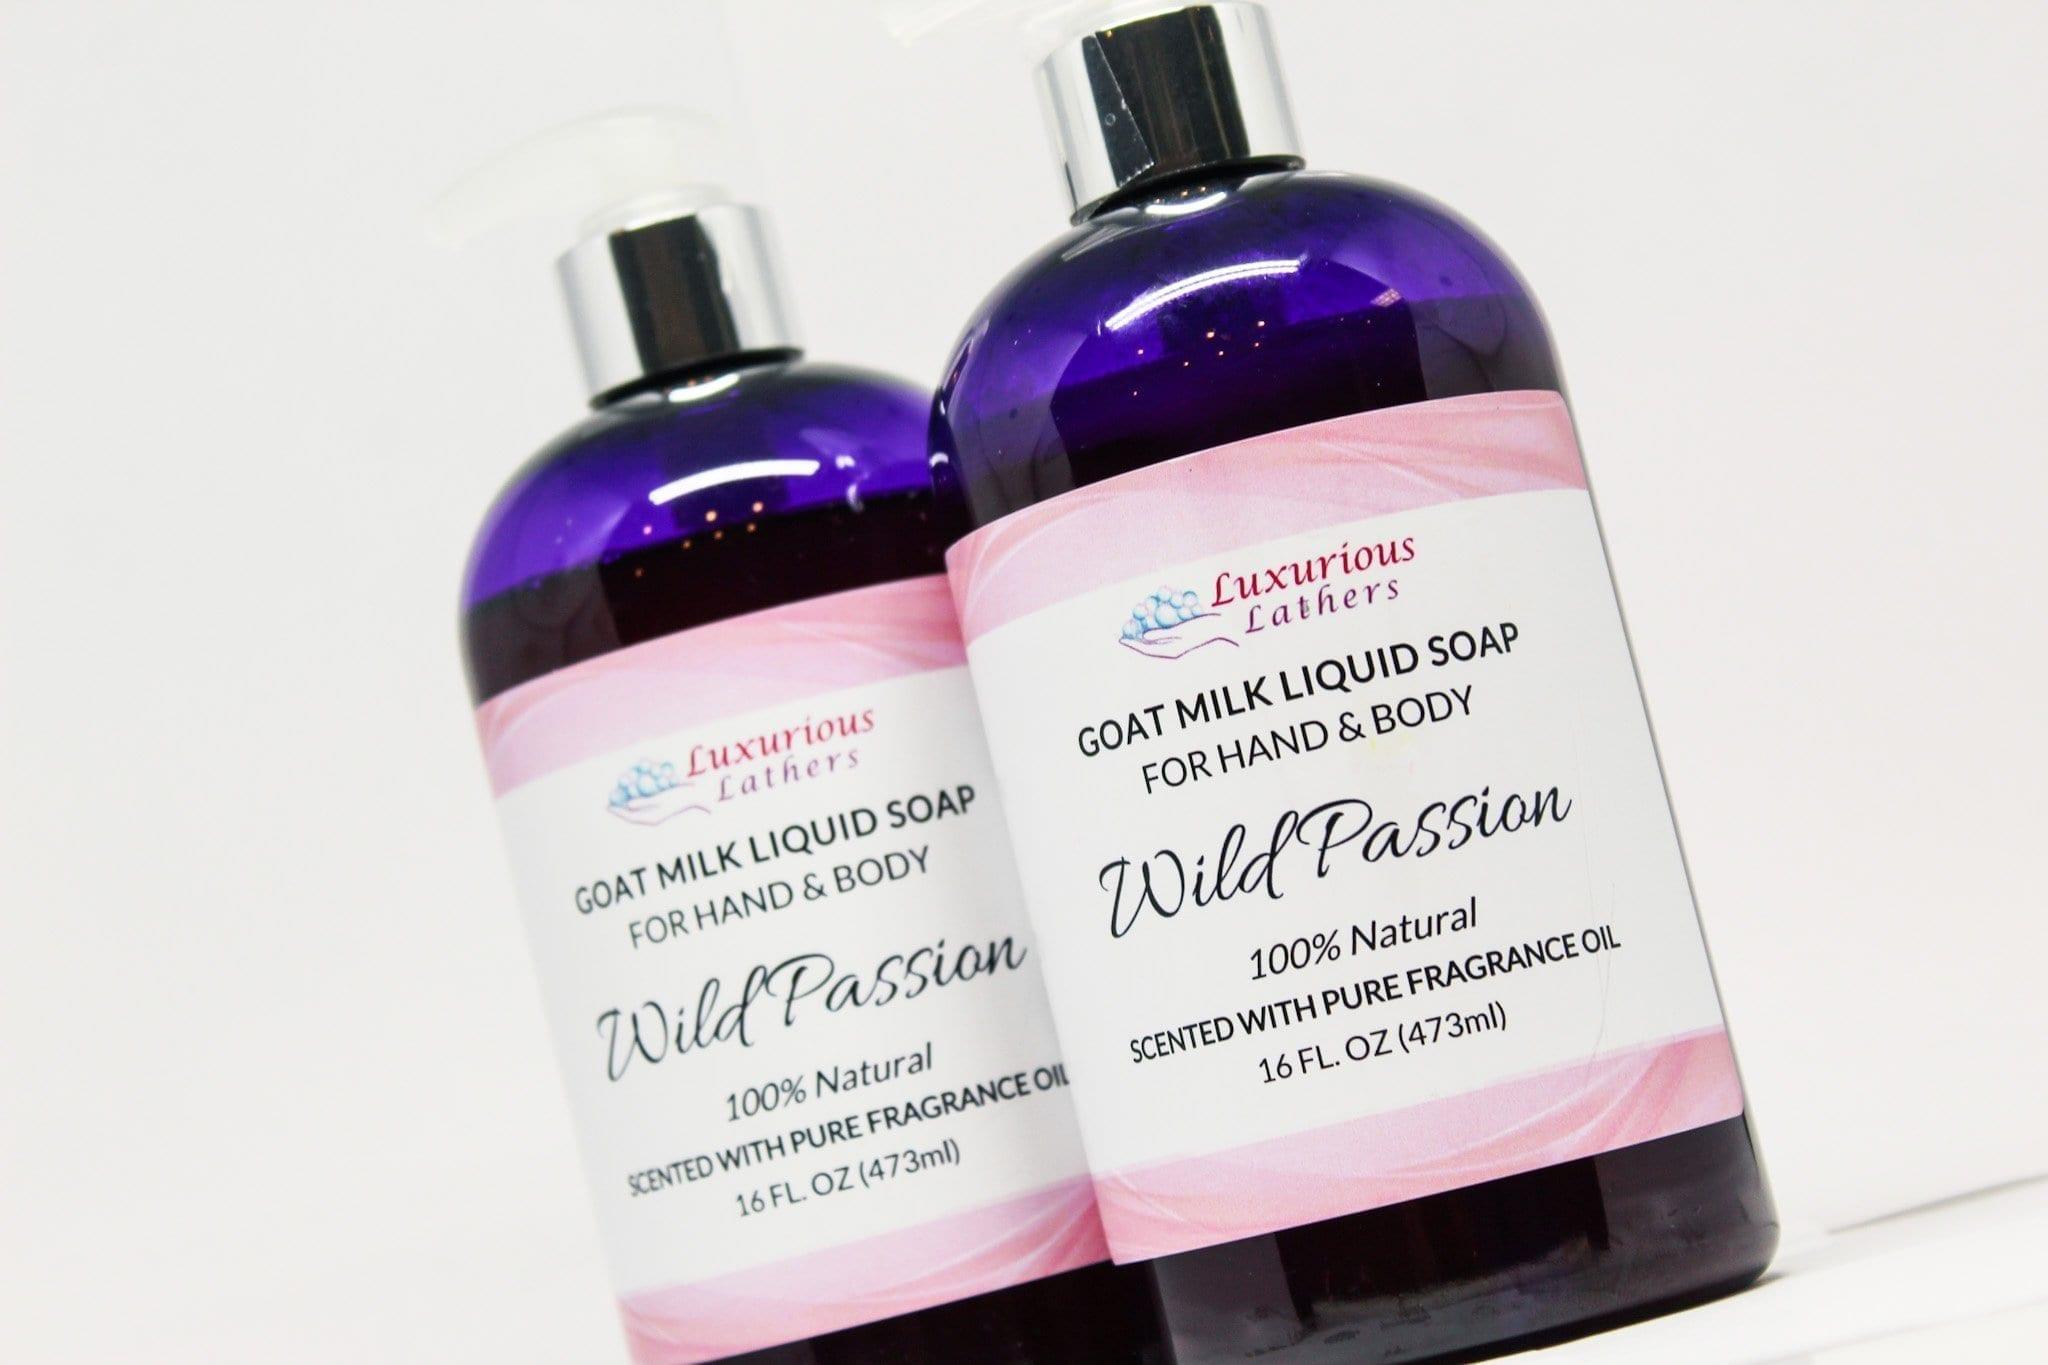 Wild Passion Goat Milk Liquid Soap